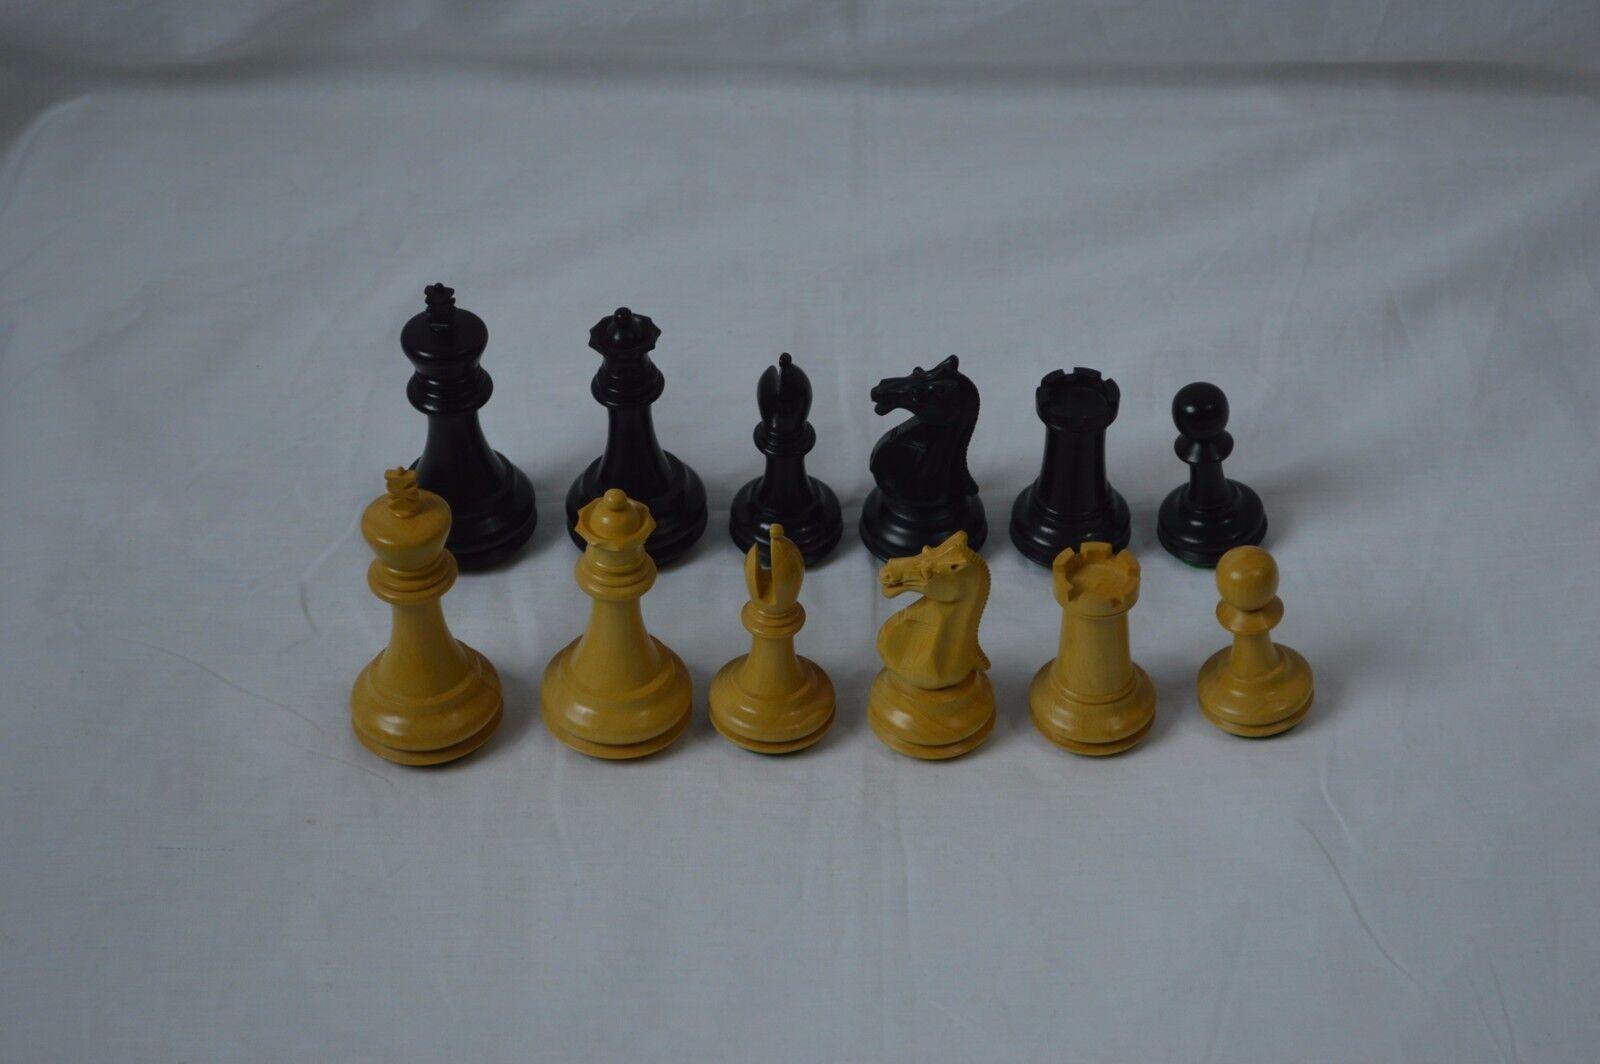 En Bois Pièces d'échecs Maison d'échecs style  4  King  jusqu'à 50% de réduction